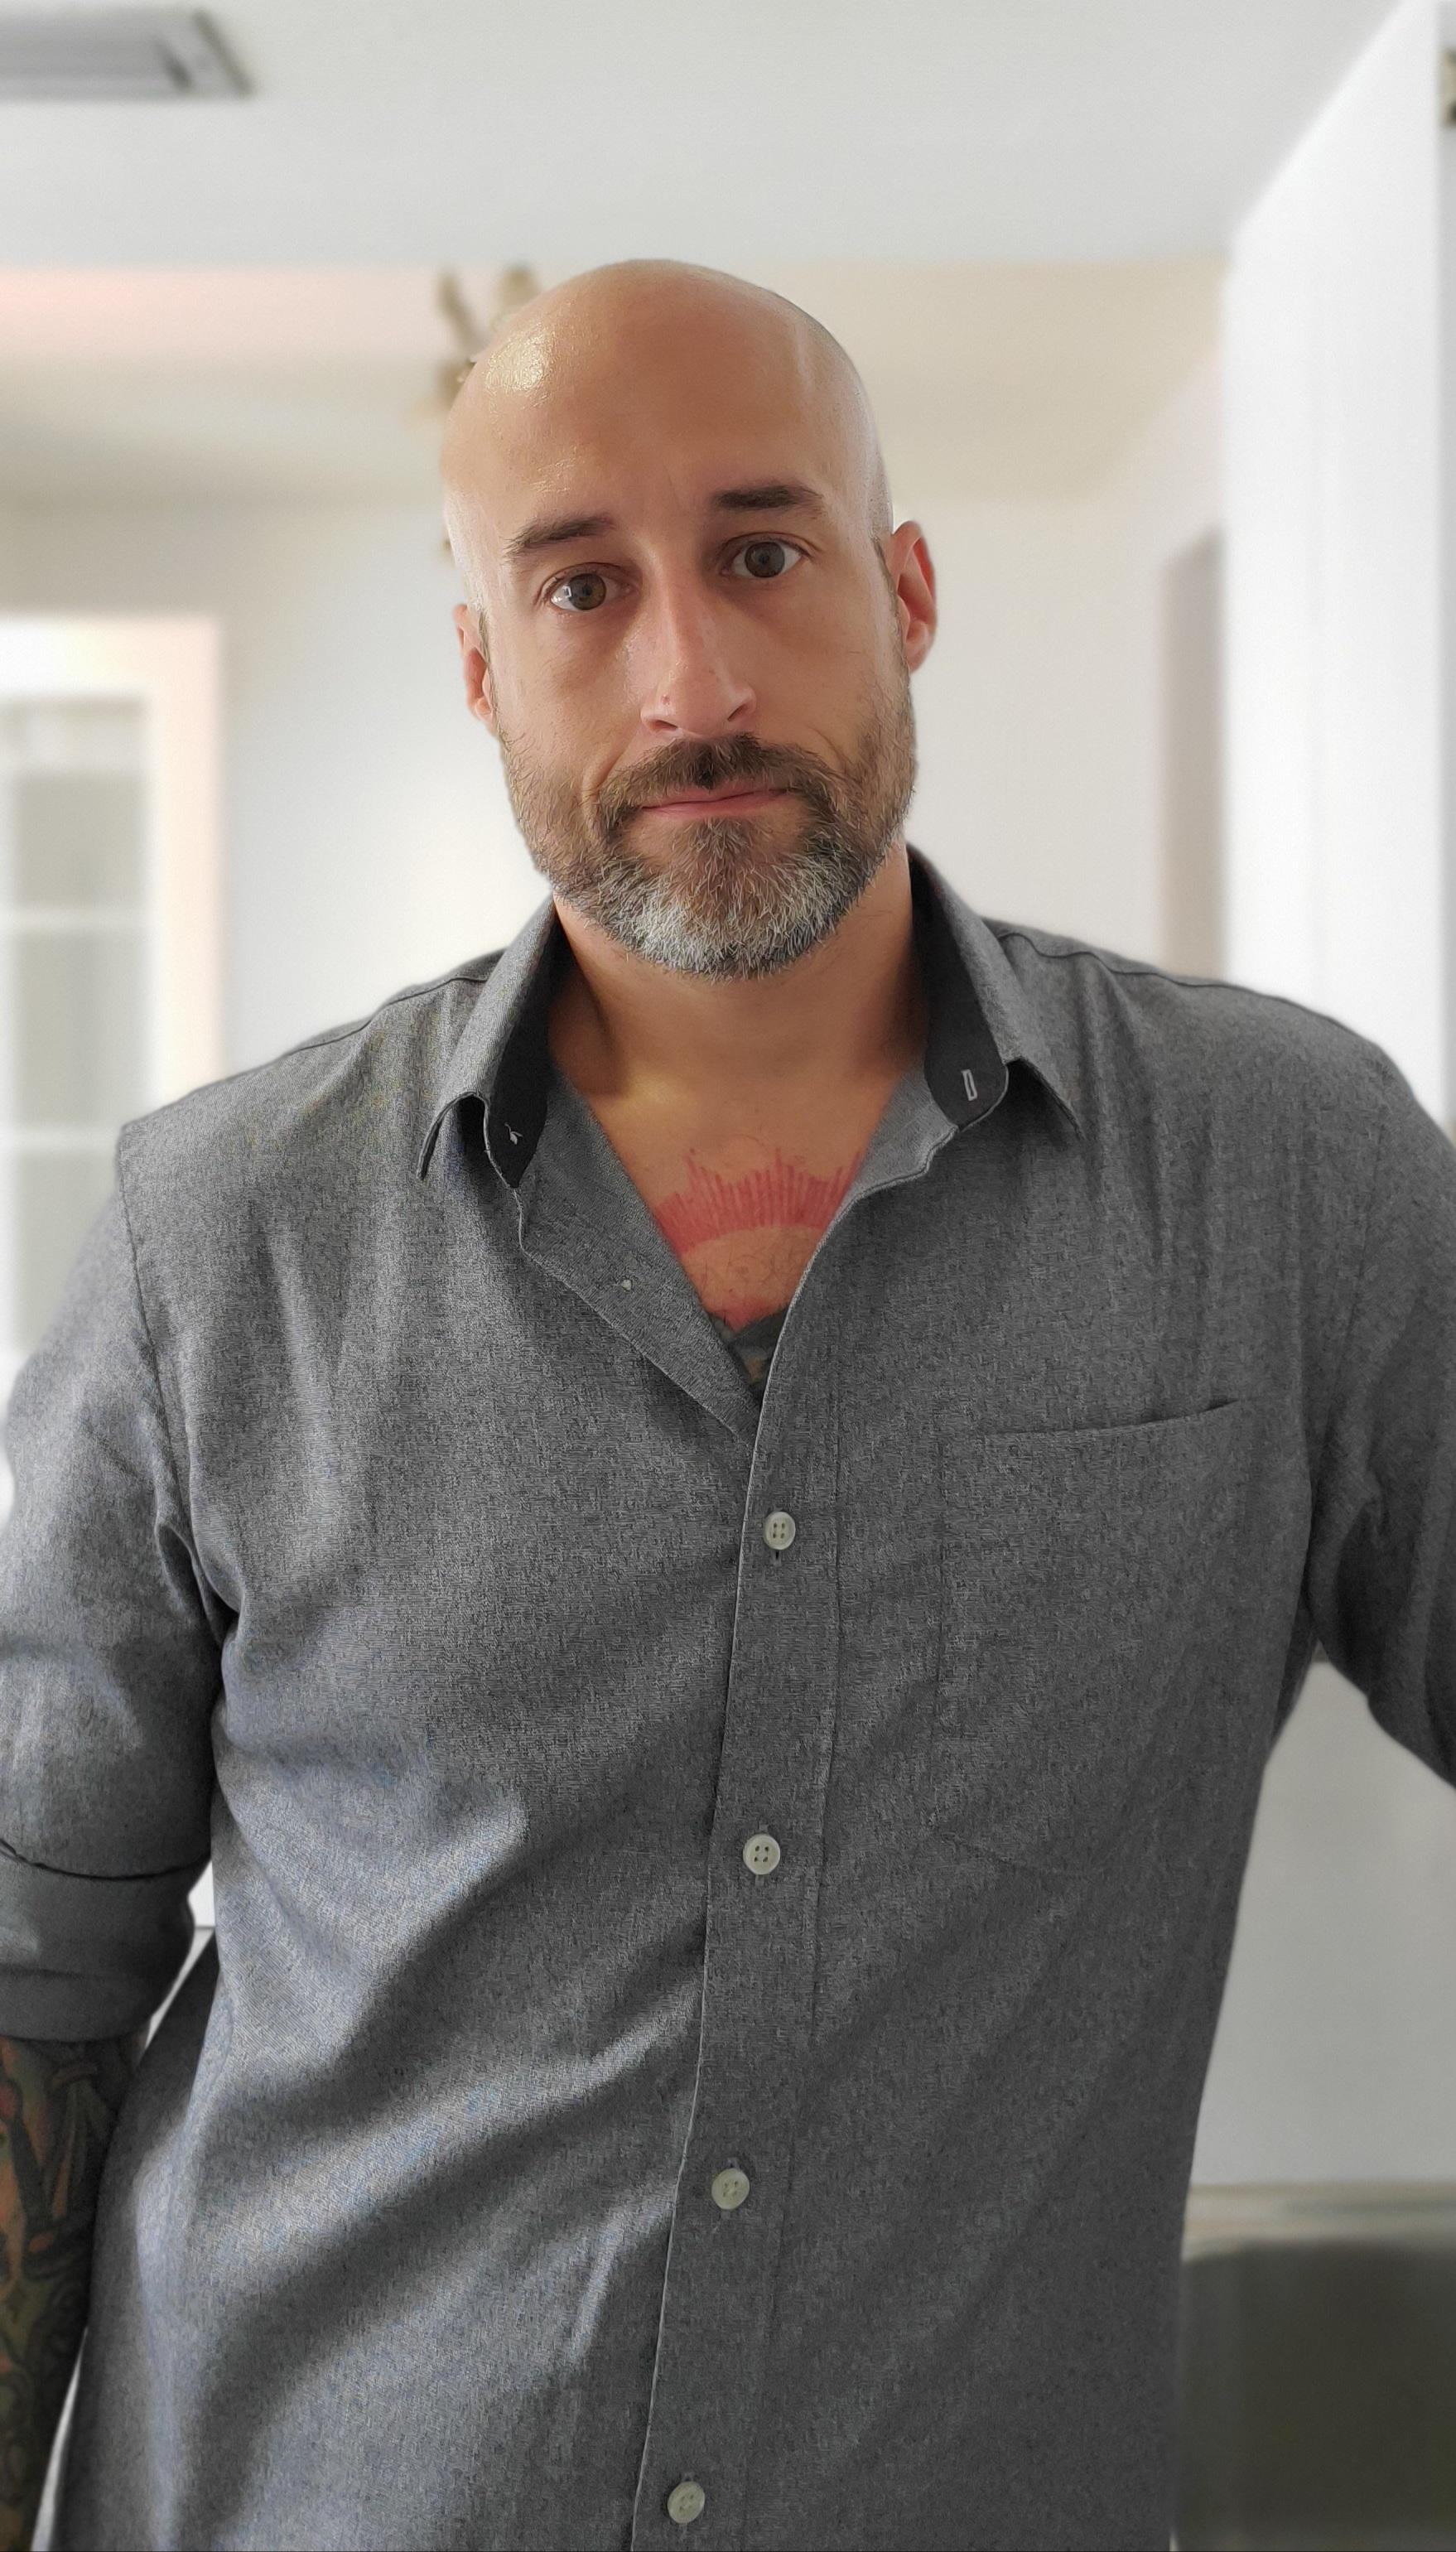 Peter Maresco